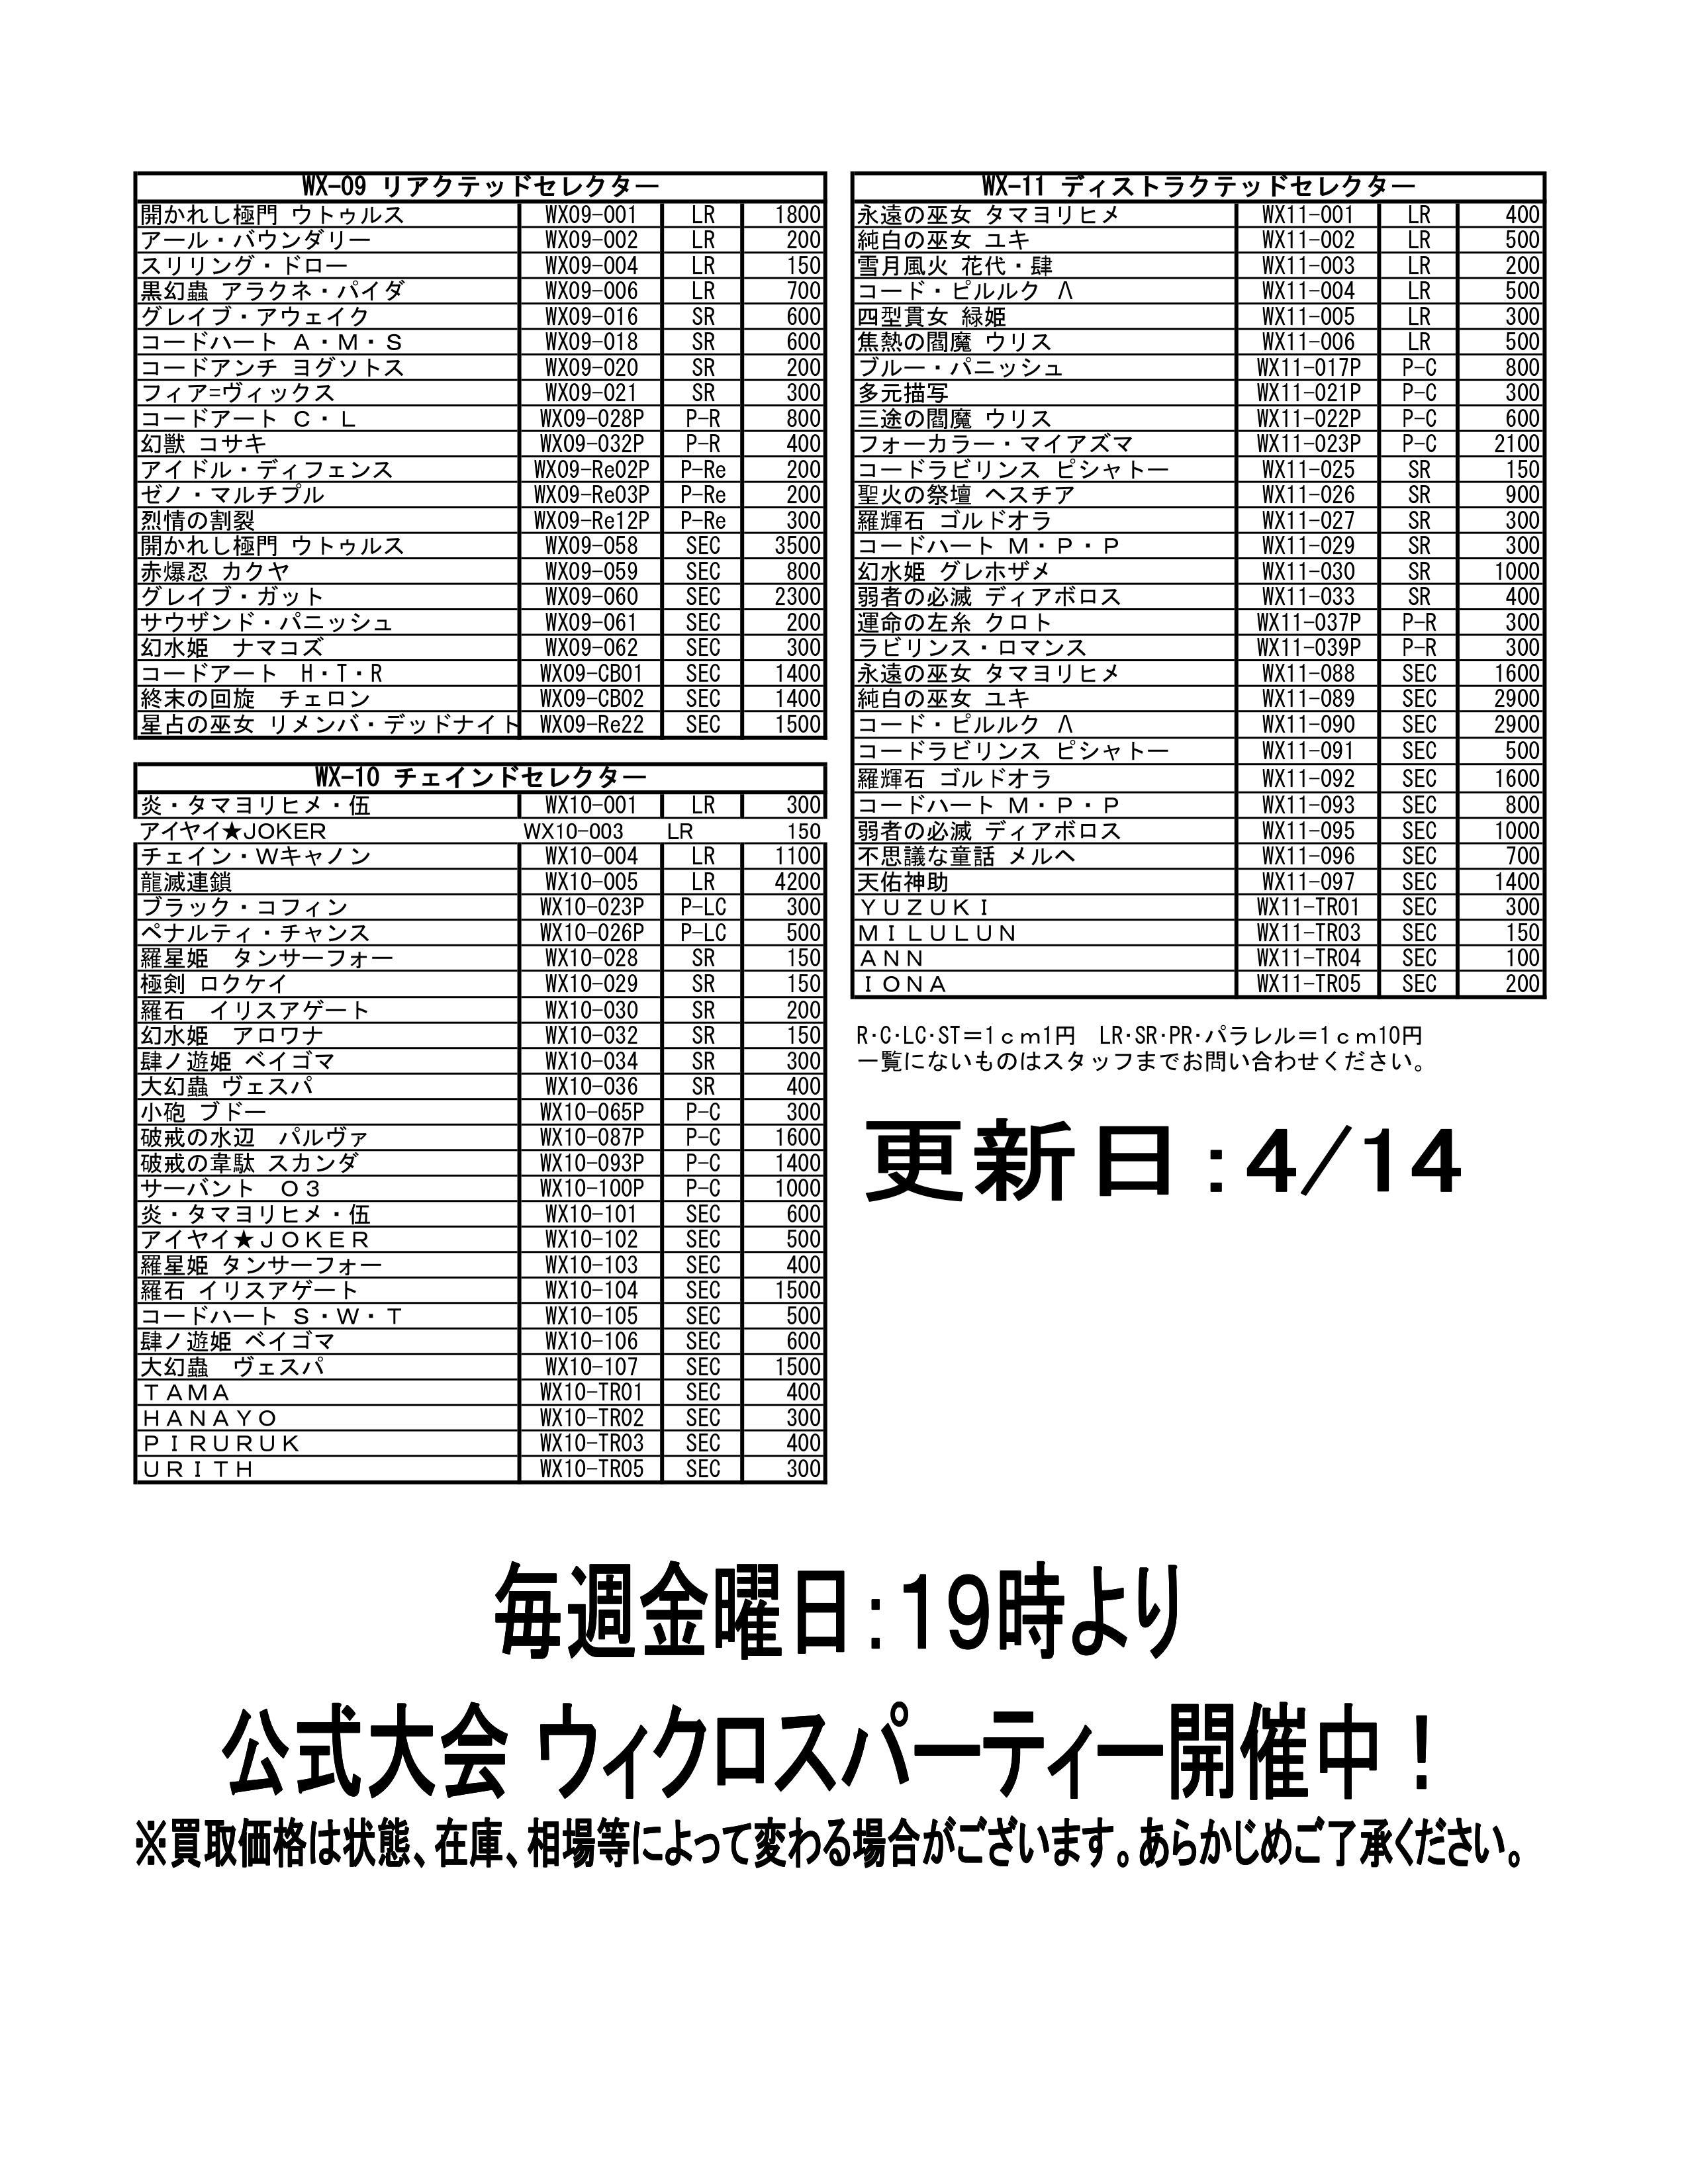 ウィクロス買取表2 (1)